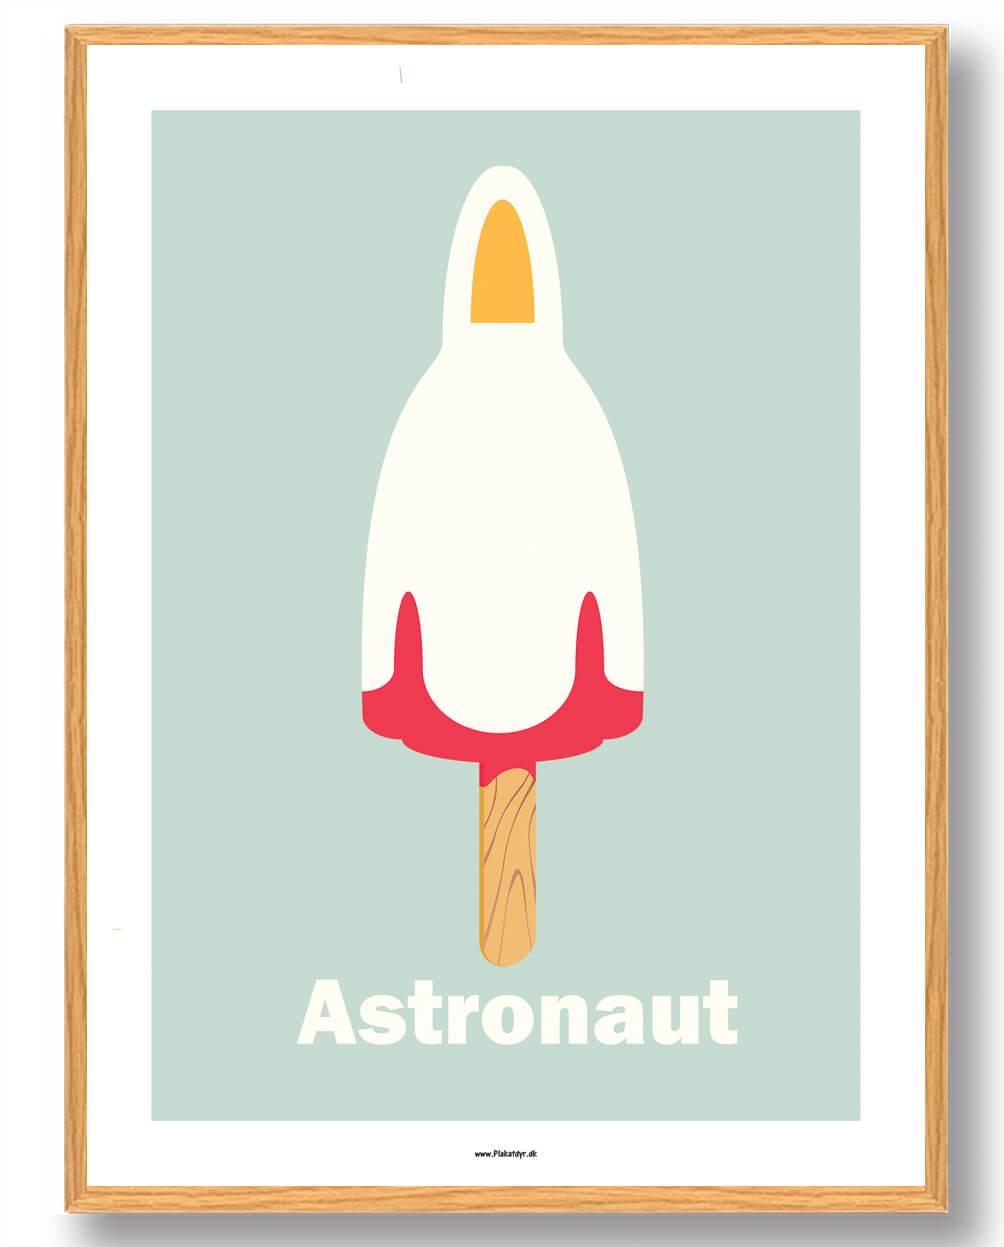 Astronaut is - plakat